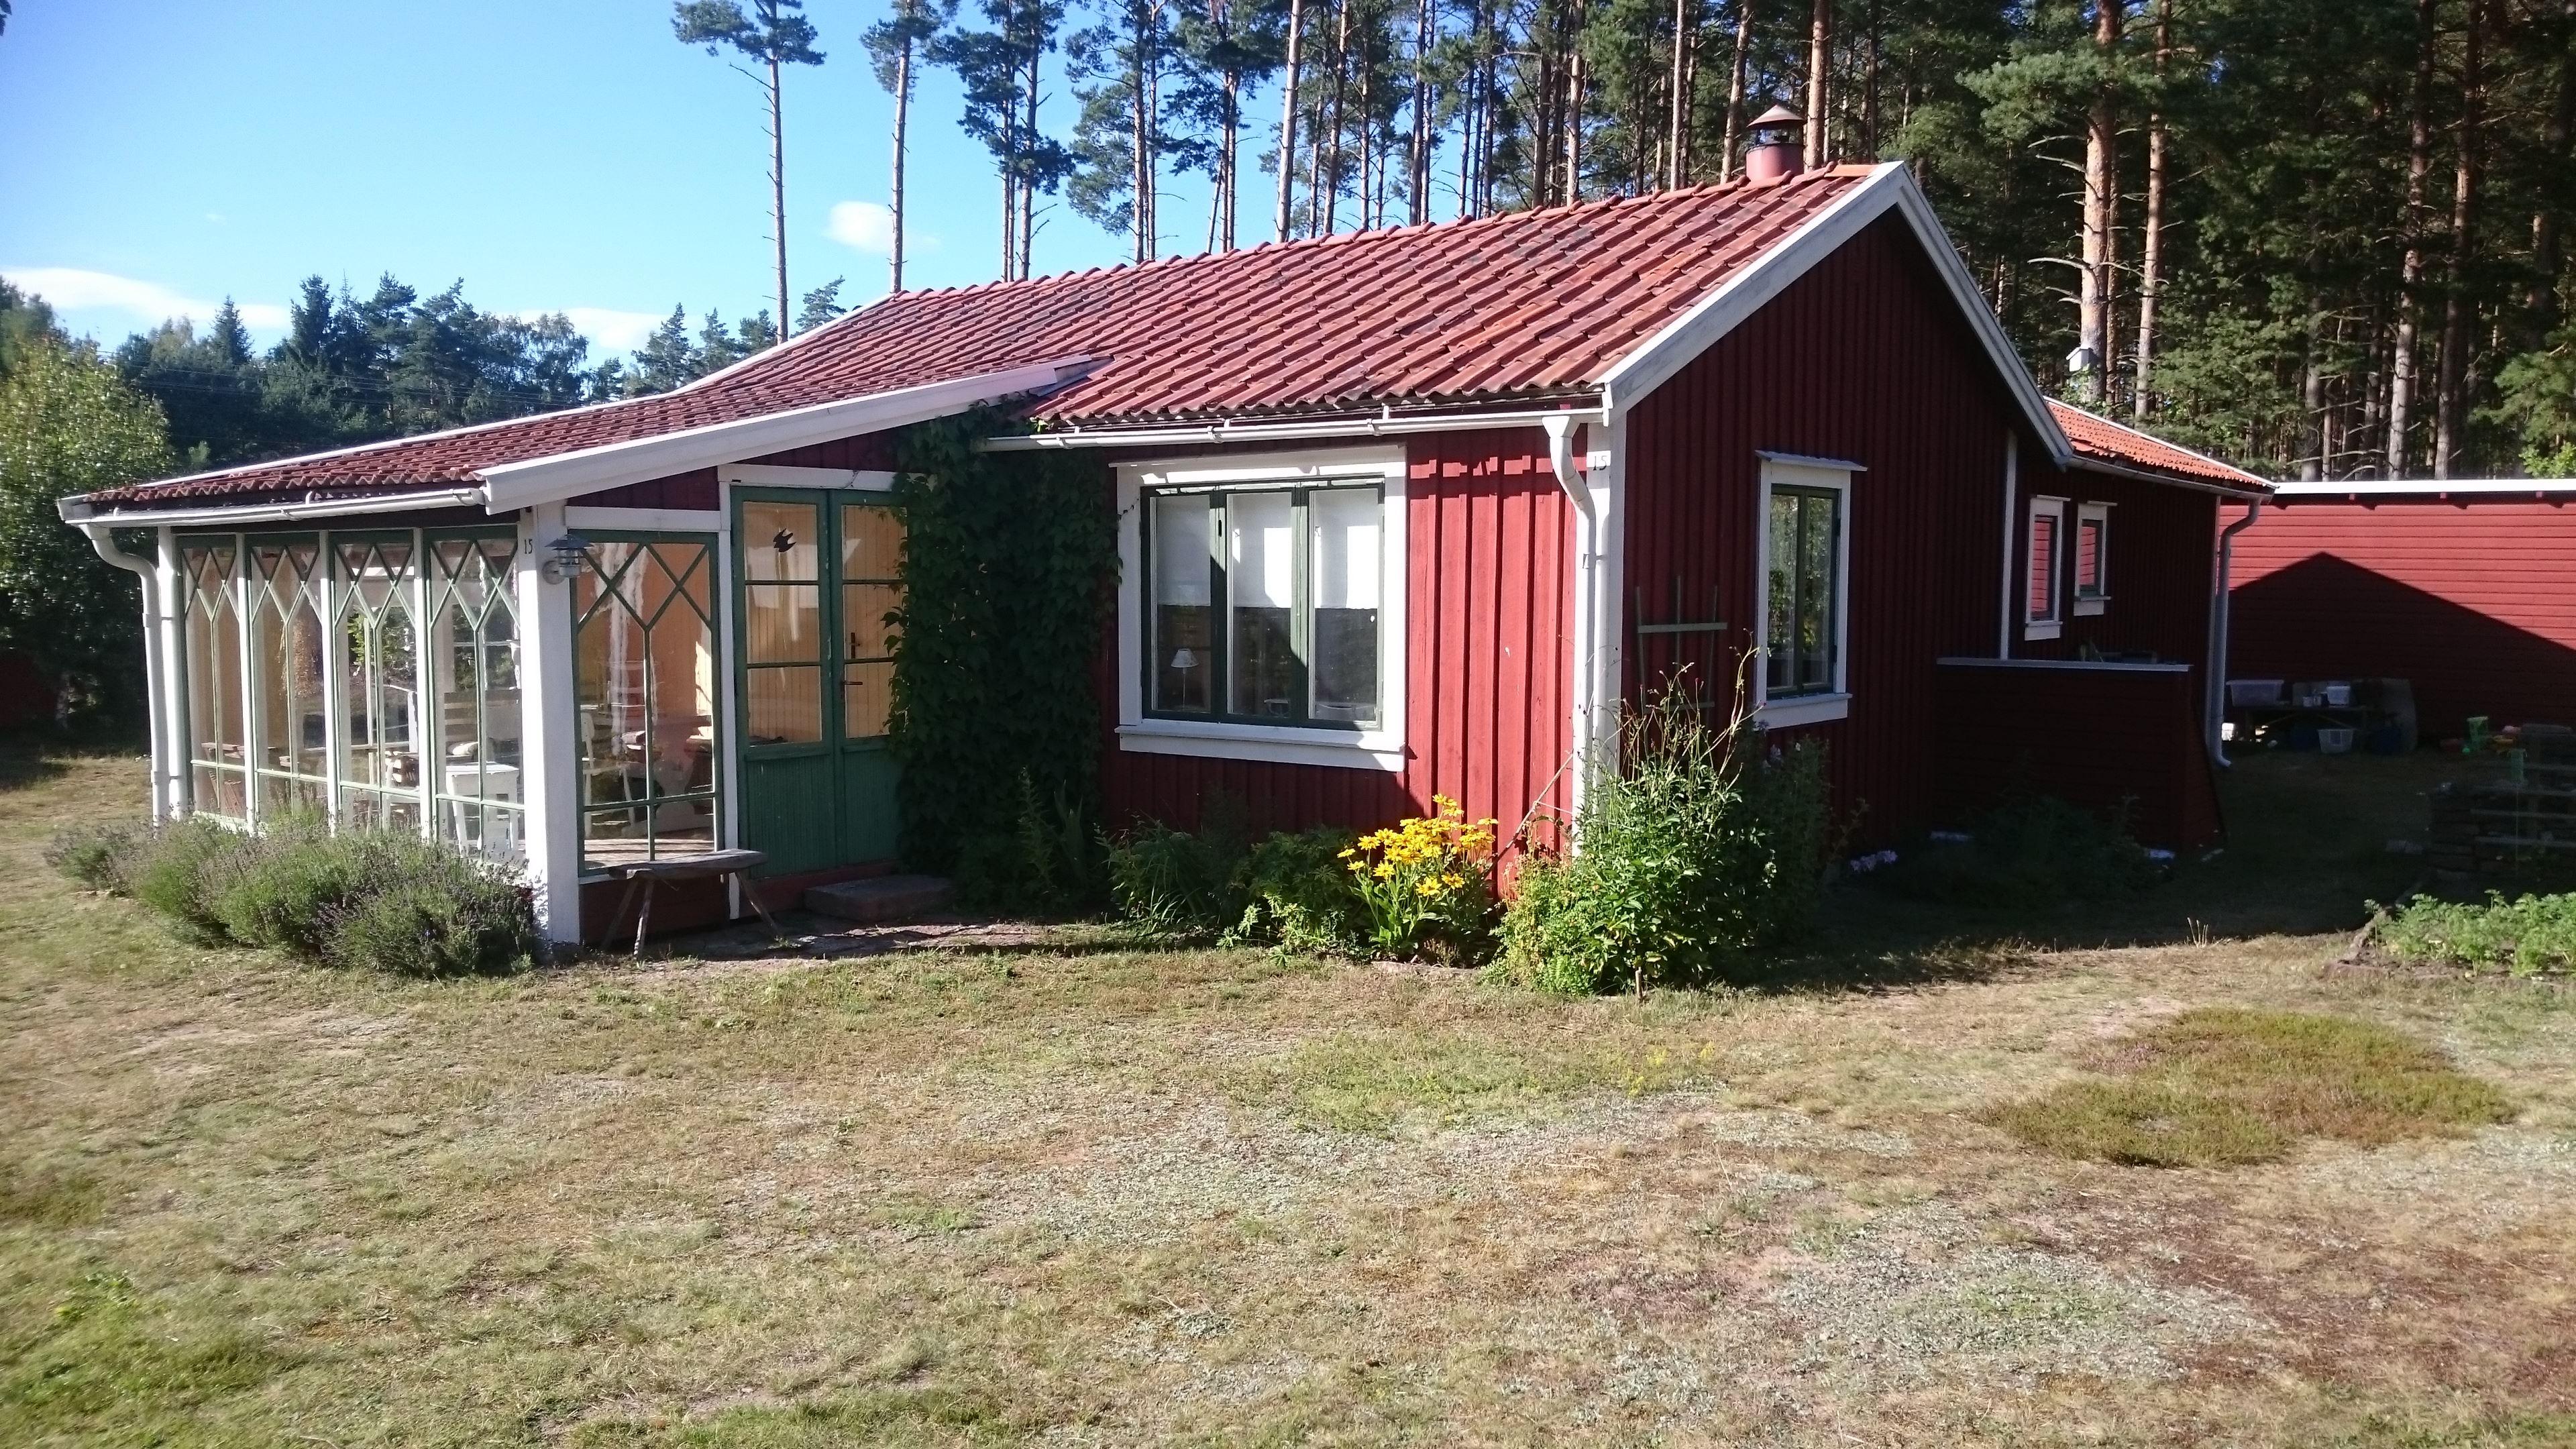 O161004 Rönnerum